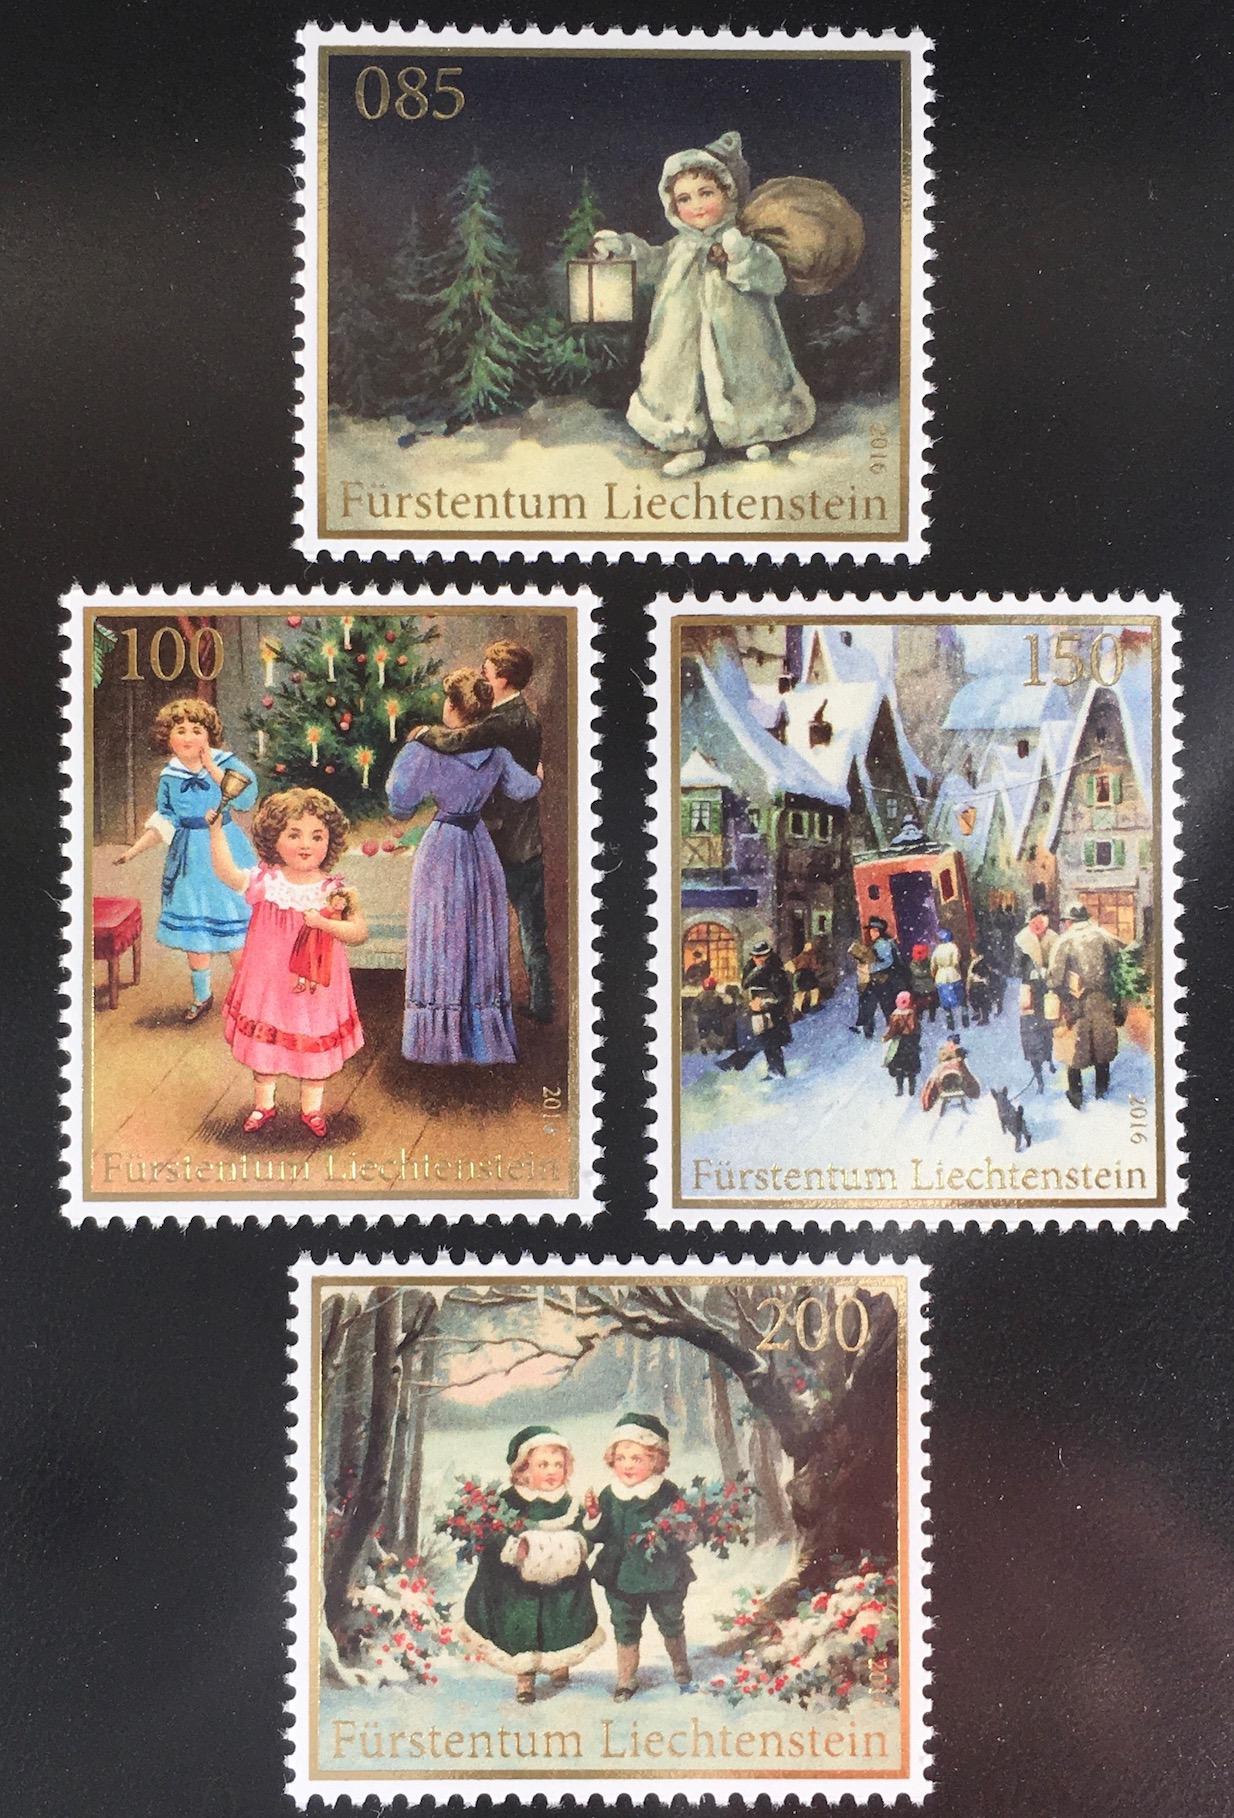 Фото старых добрых открыток про новый год